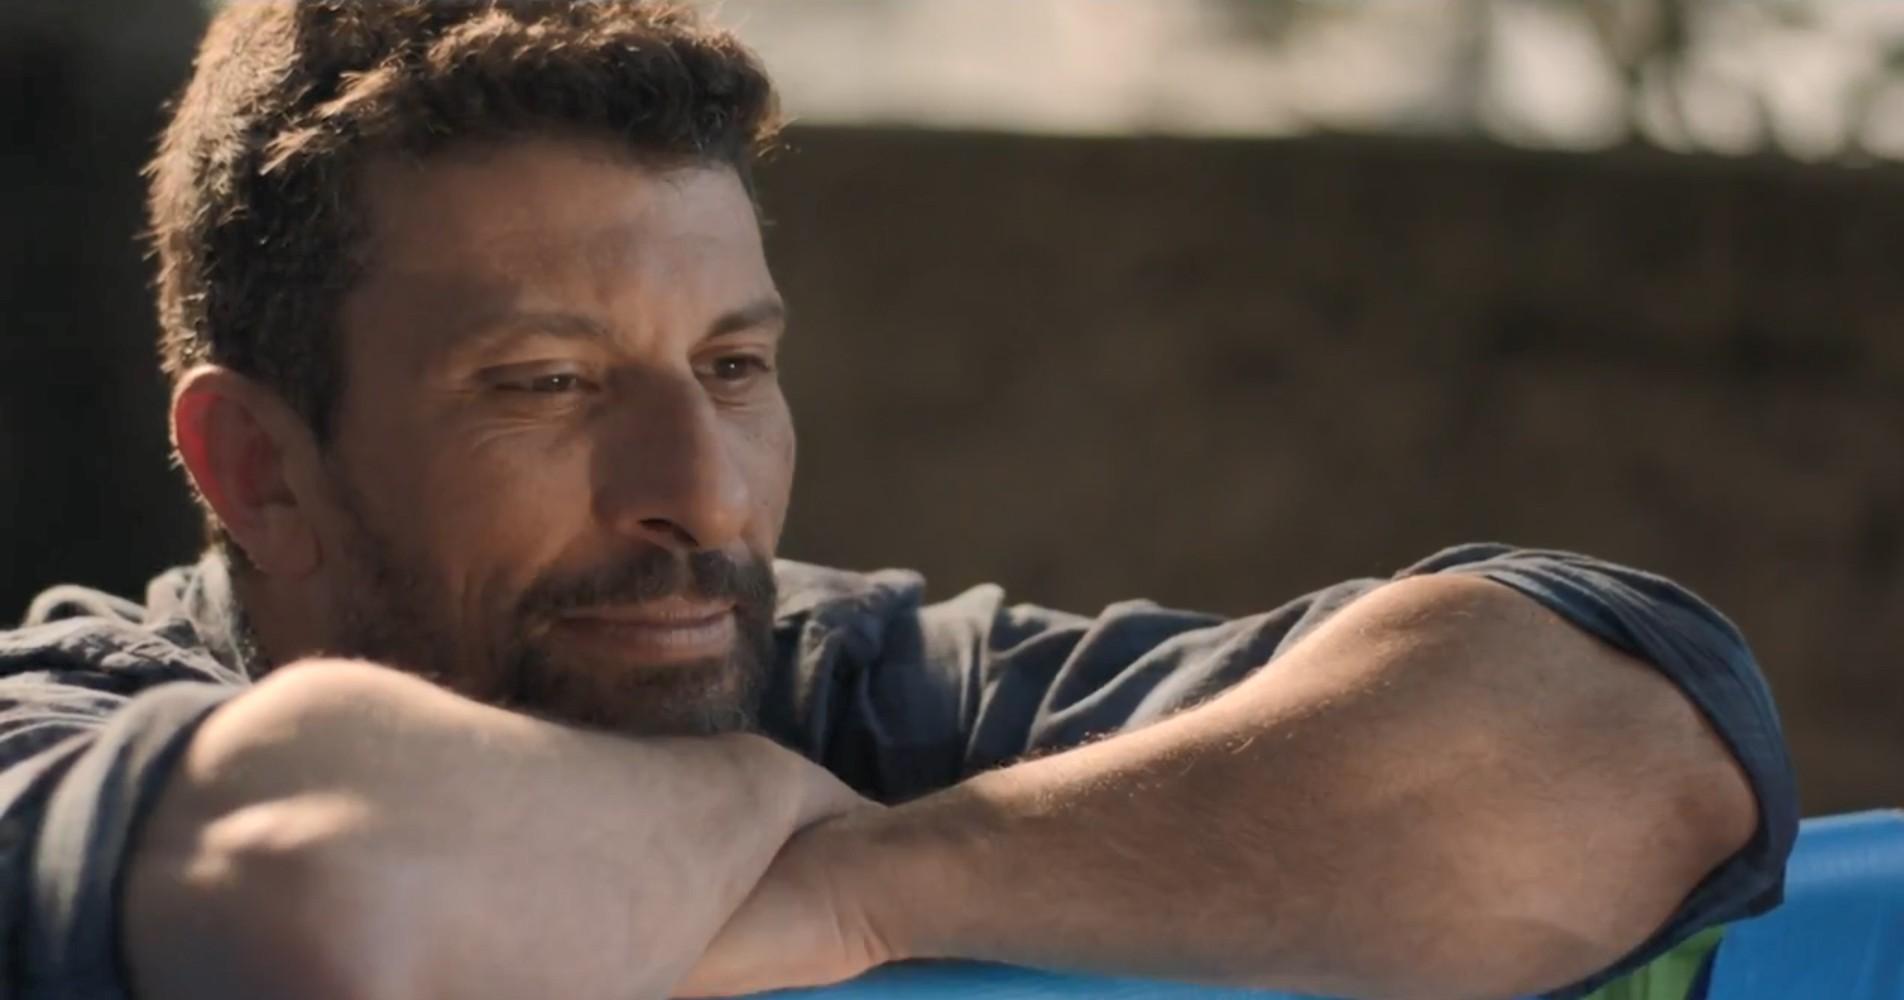 Milhem Cortaz vive ator alcoólatra e violento em 'Intimidade entre Estranhos': 'Foi doloroso'